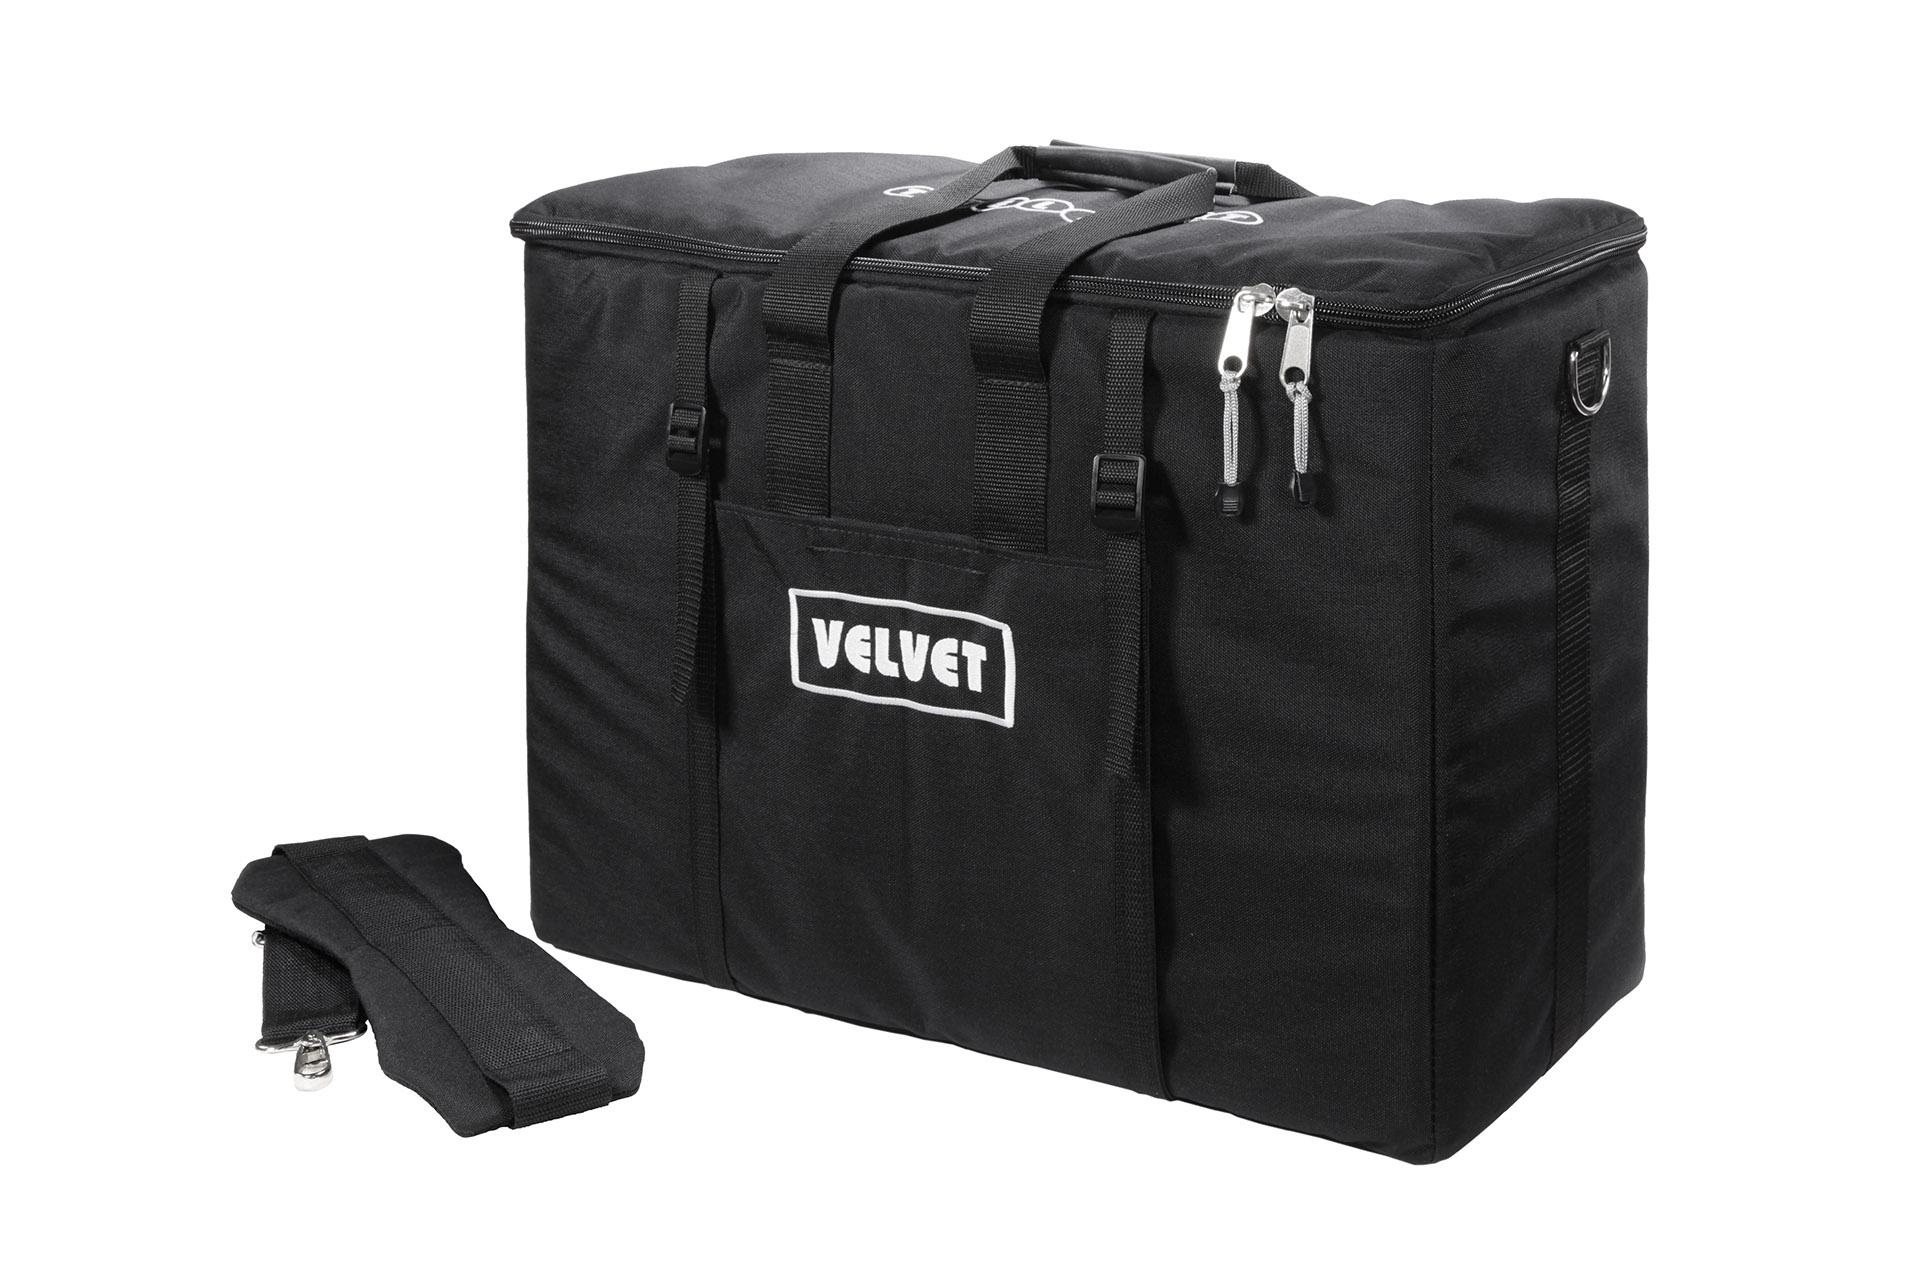 VL1x2-Bag Cordura bag for 2x VELVET 1 kits